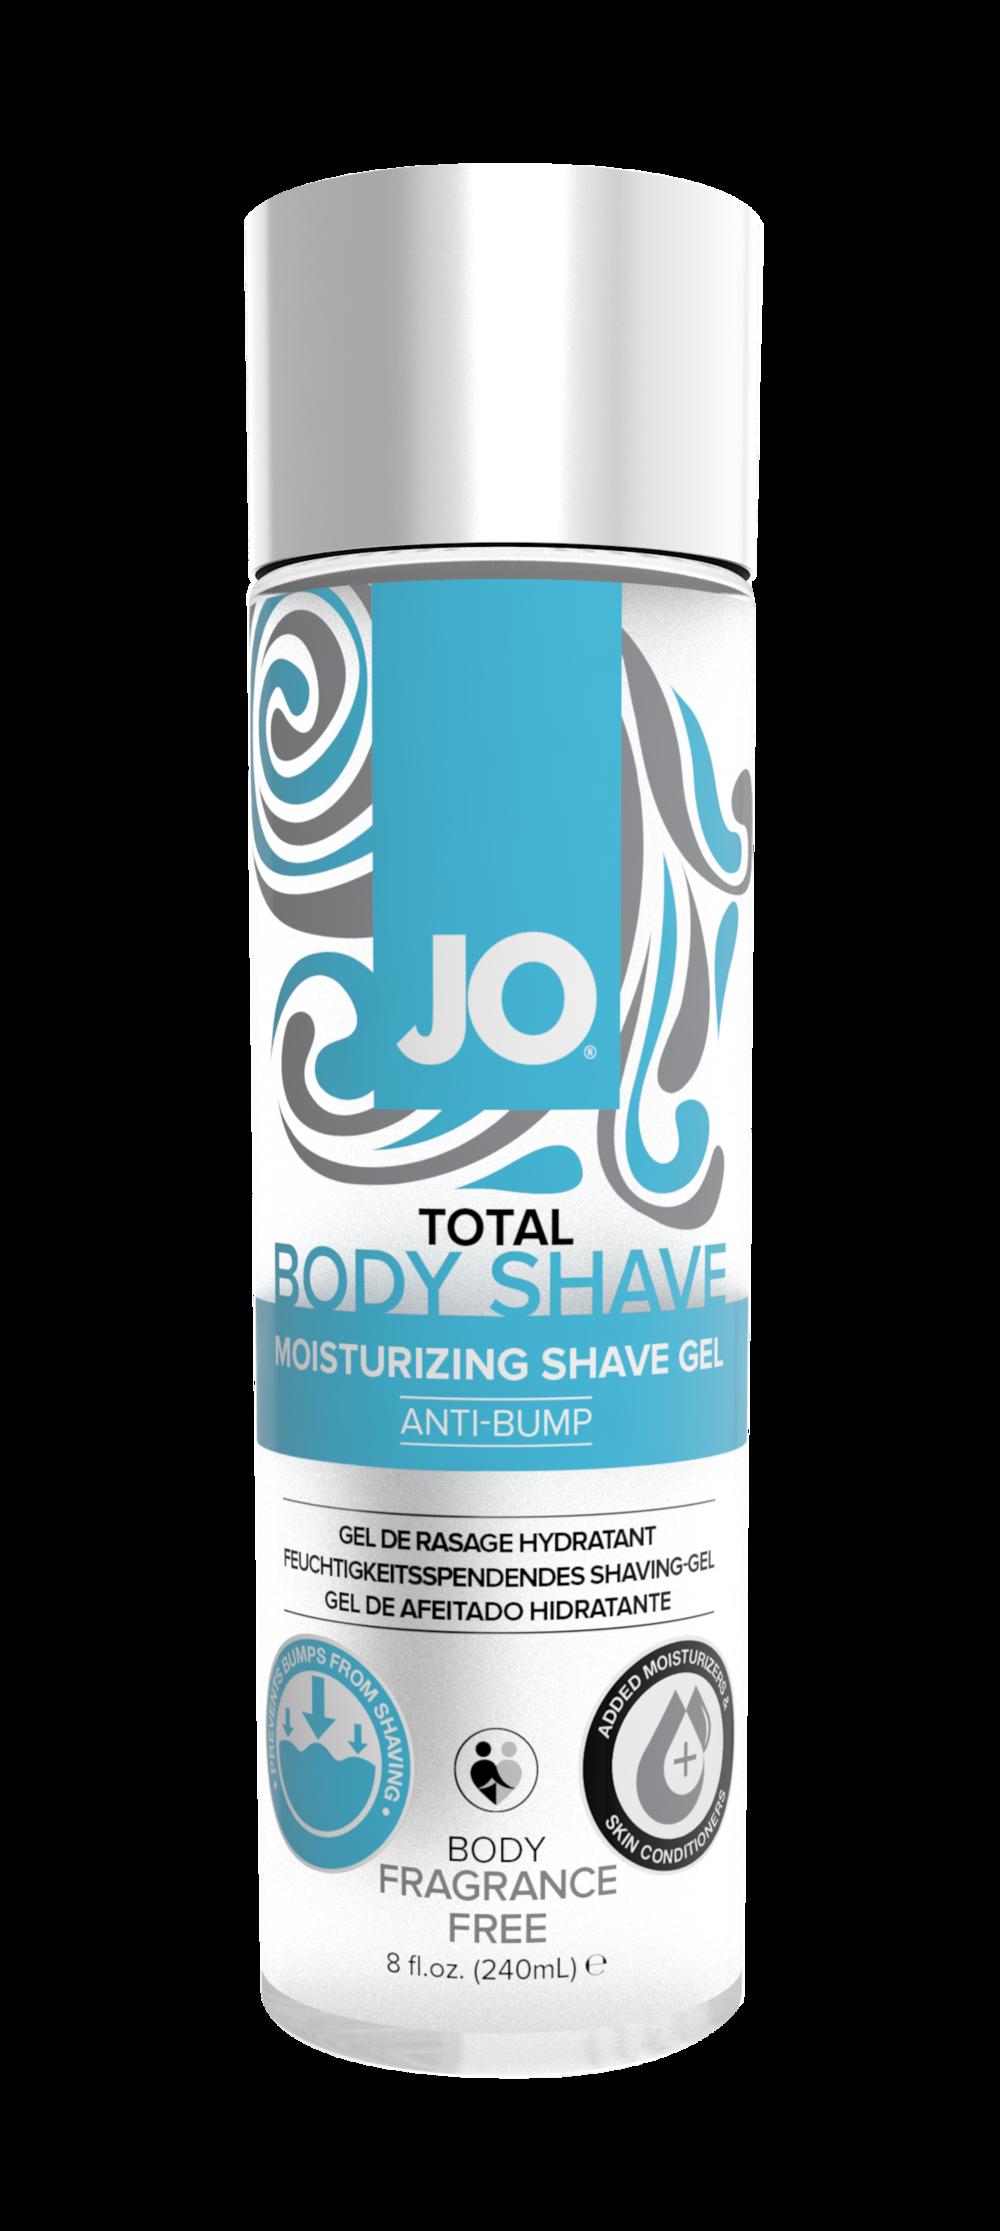 JO Total Body Shave